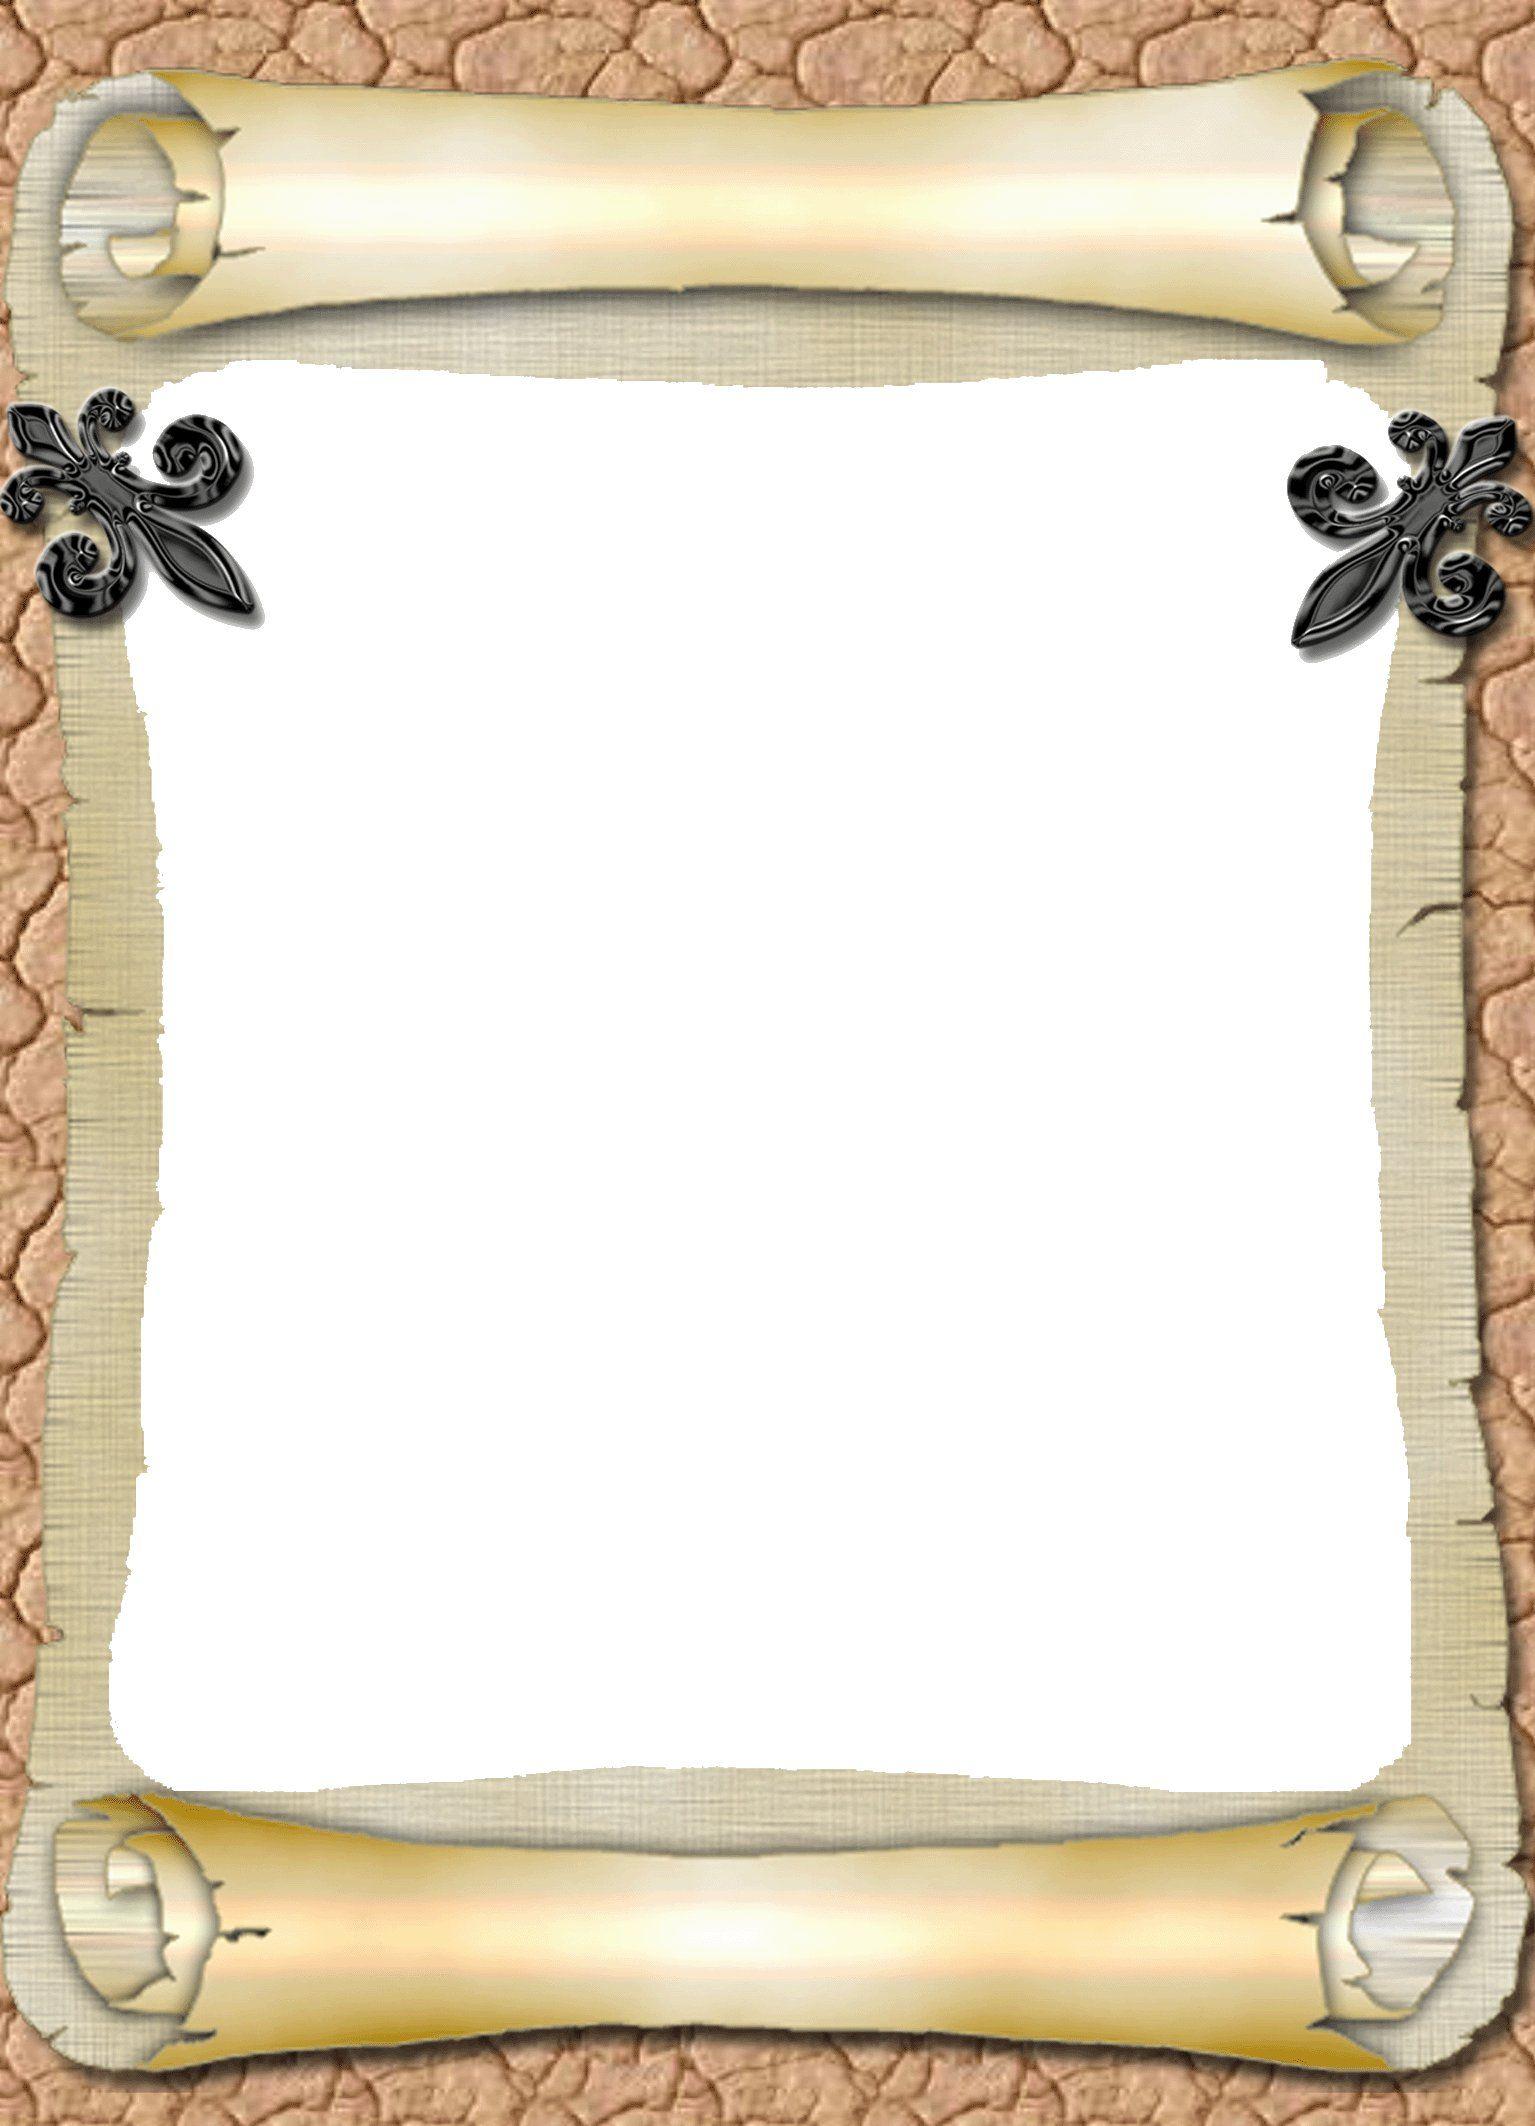 красивые рамки 23 февраля для сертификатов картинки: 20 ...